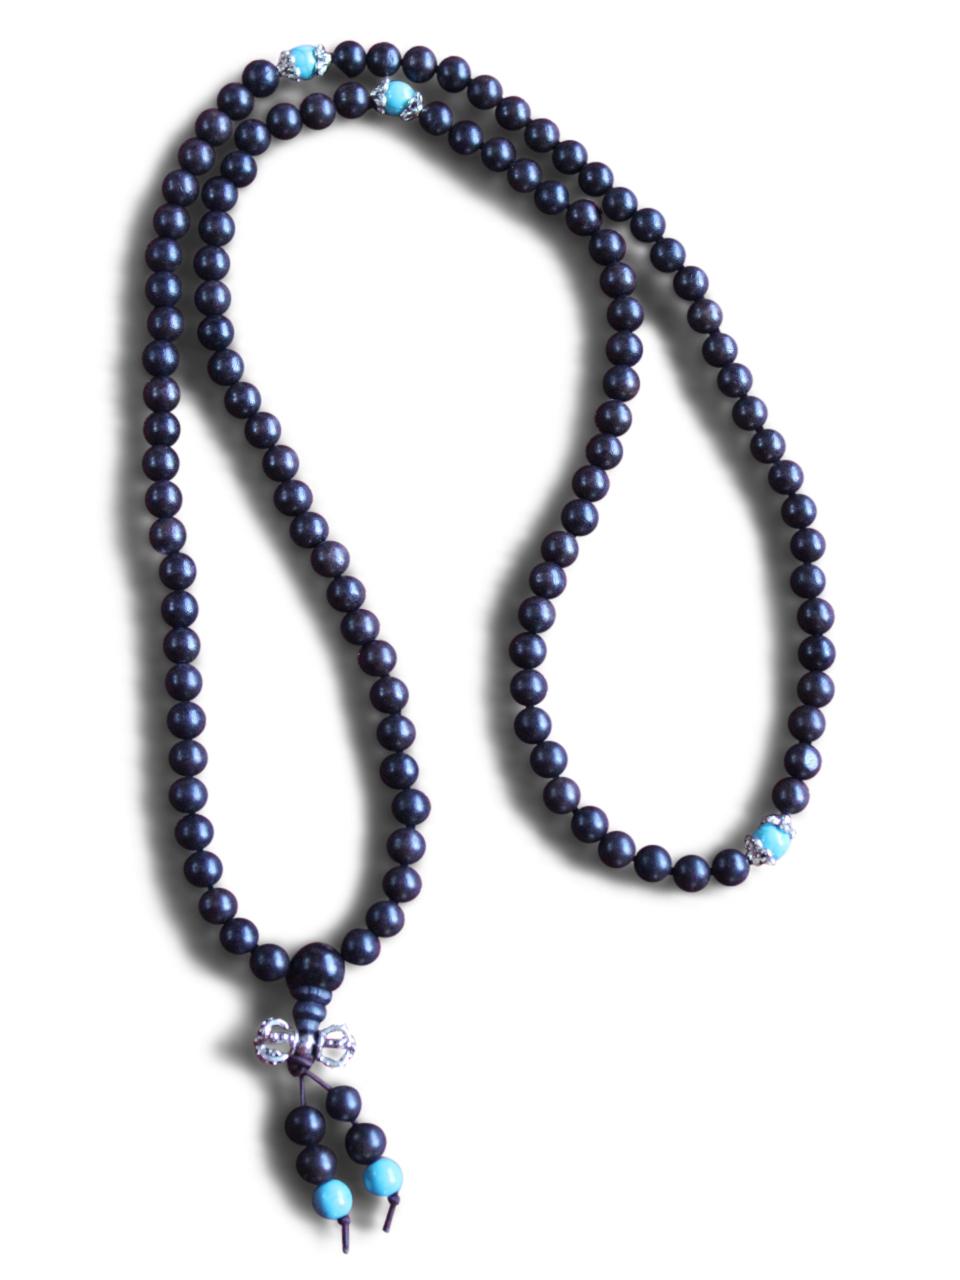 Buddhistische Mala Gebetskette Halskette Ebenholz Türkis Perlen Koi Fisch Kette